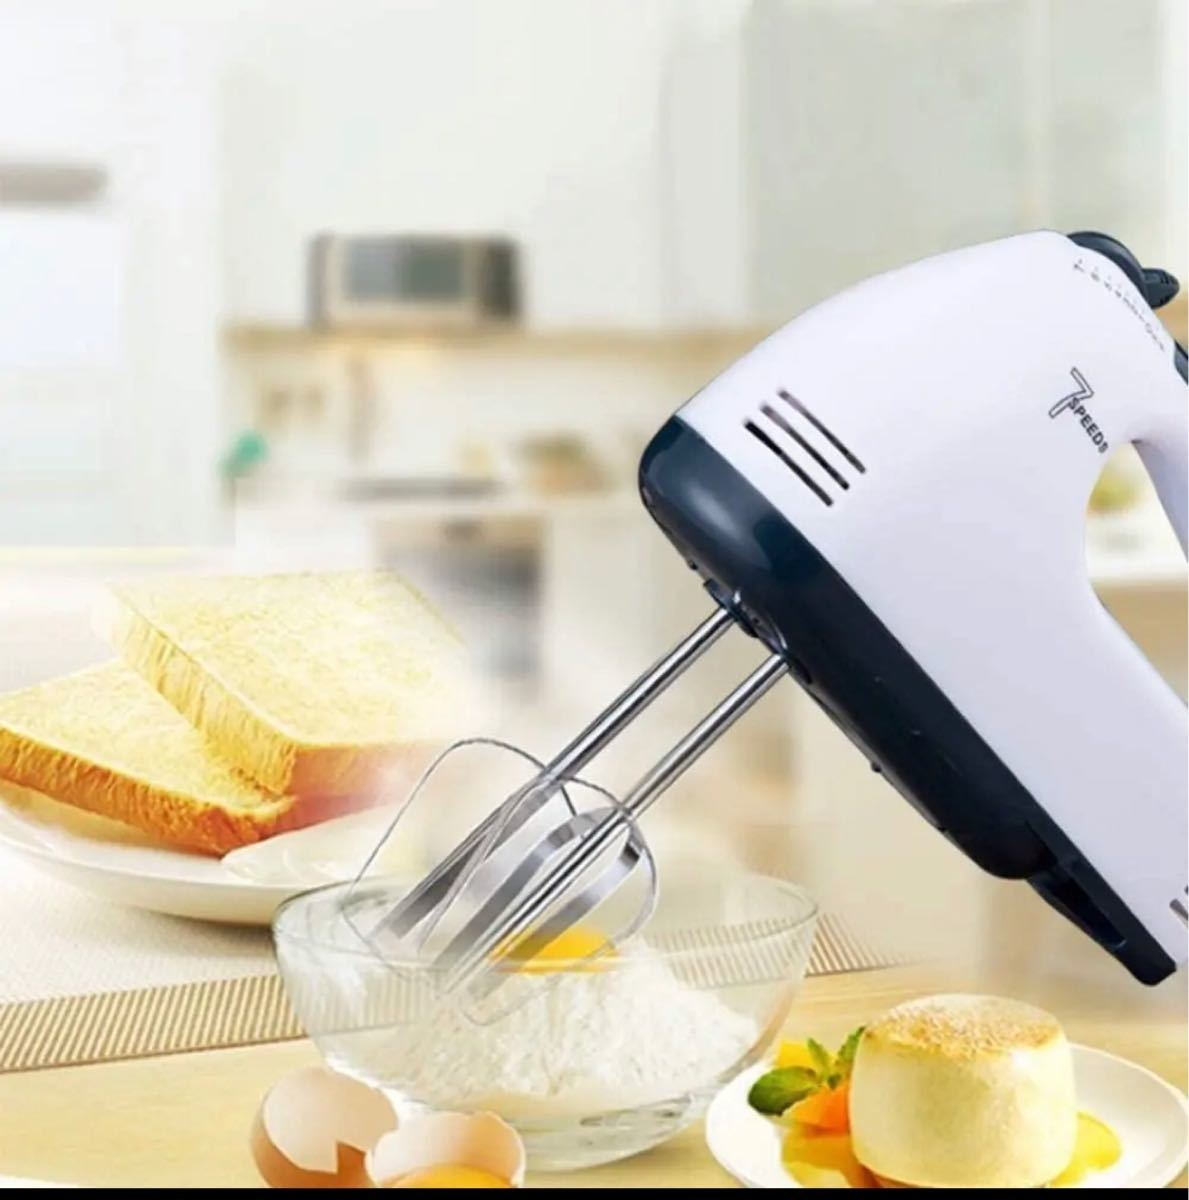 電気ハンドミキサー 泡立て器 キッチンベーキングケーキ用7速軽量ハンドヘルド